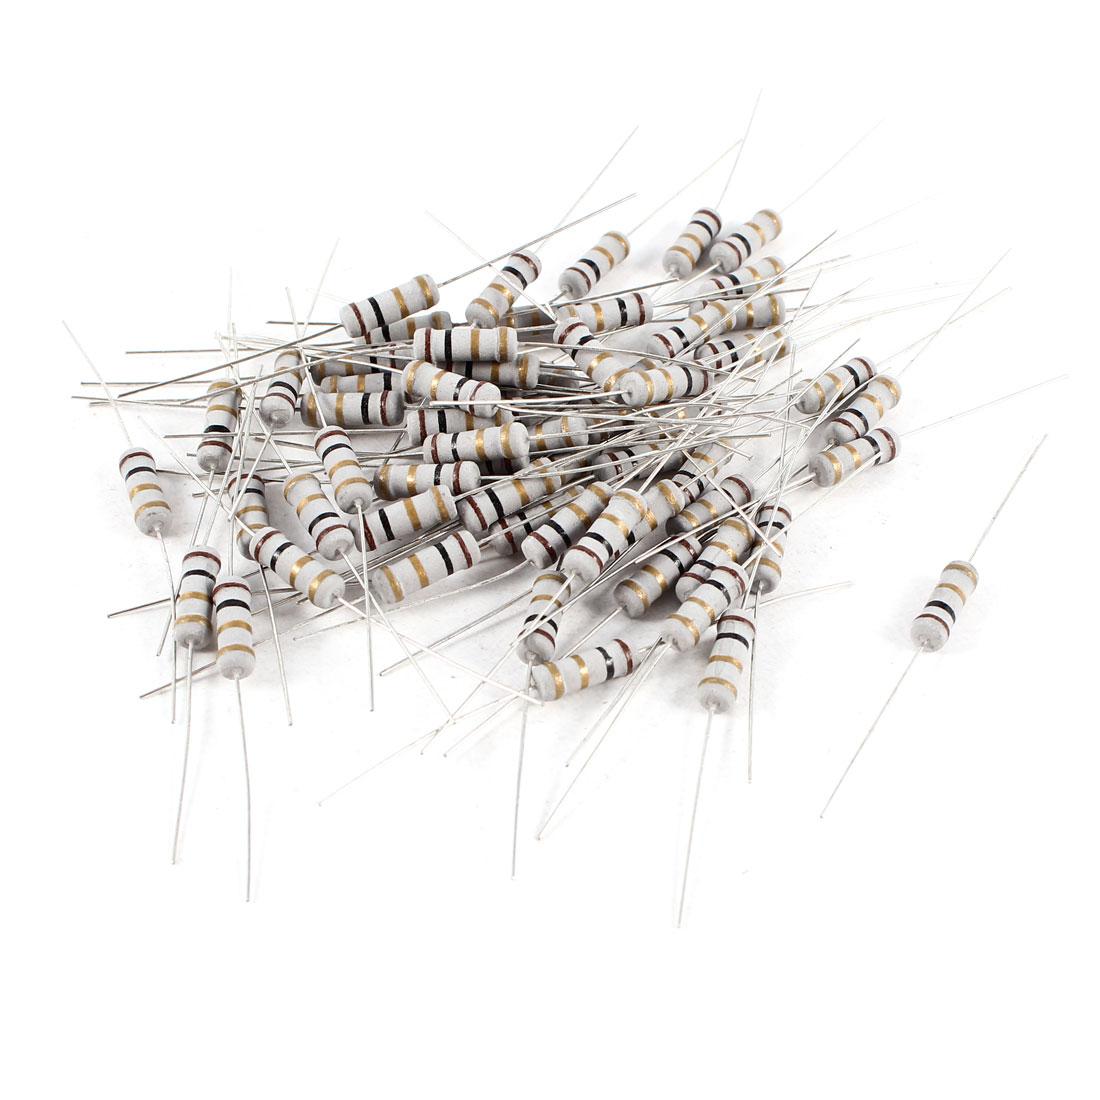 60 Pcs 1W Watt 1 Ohm 5% Tolerance Axial Carbon Film Resistors